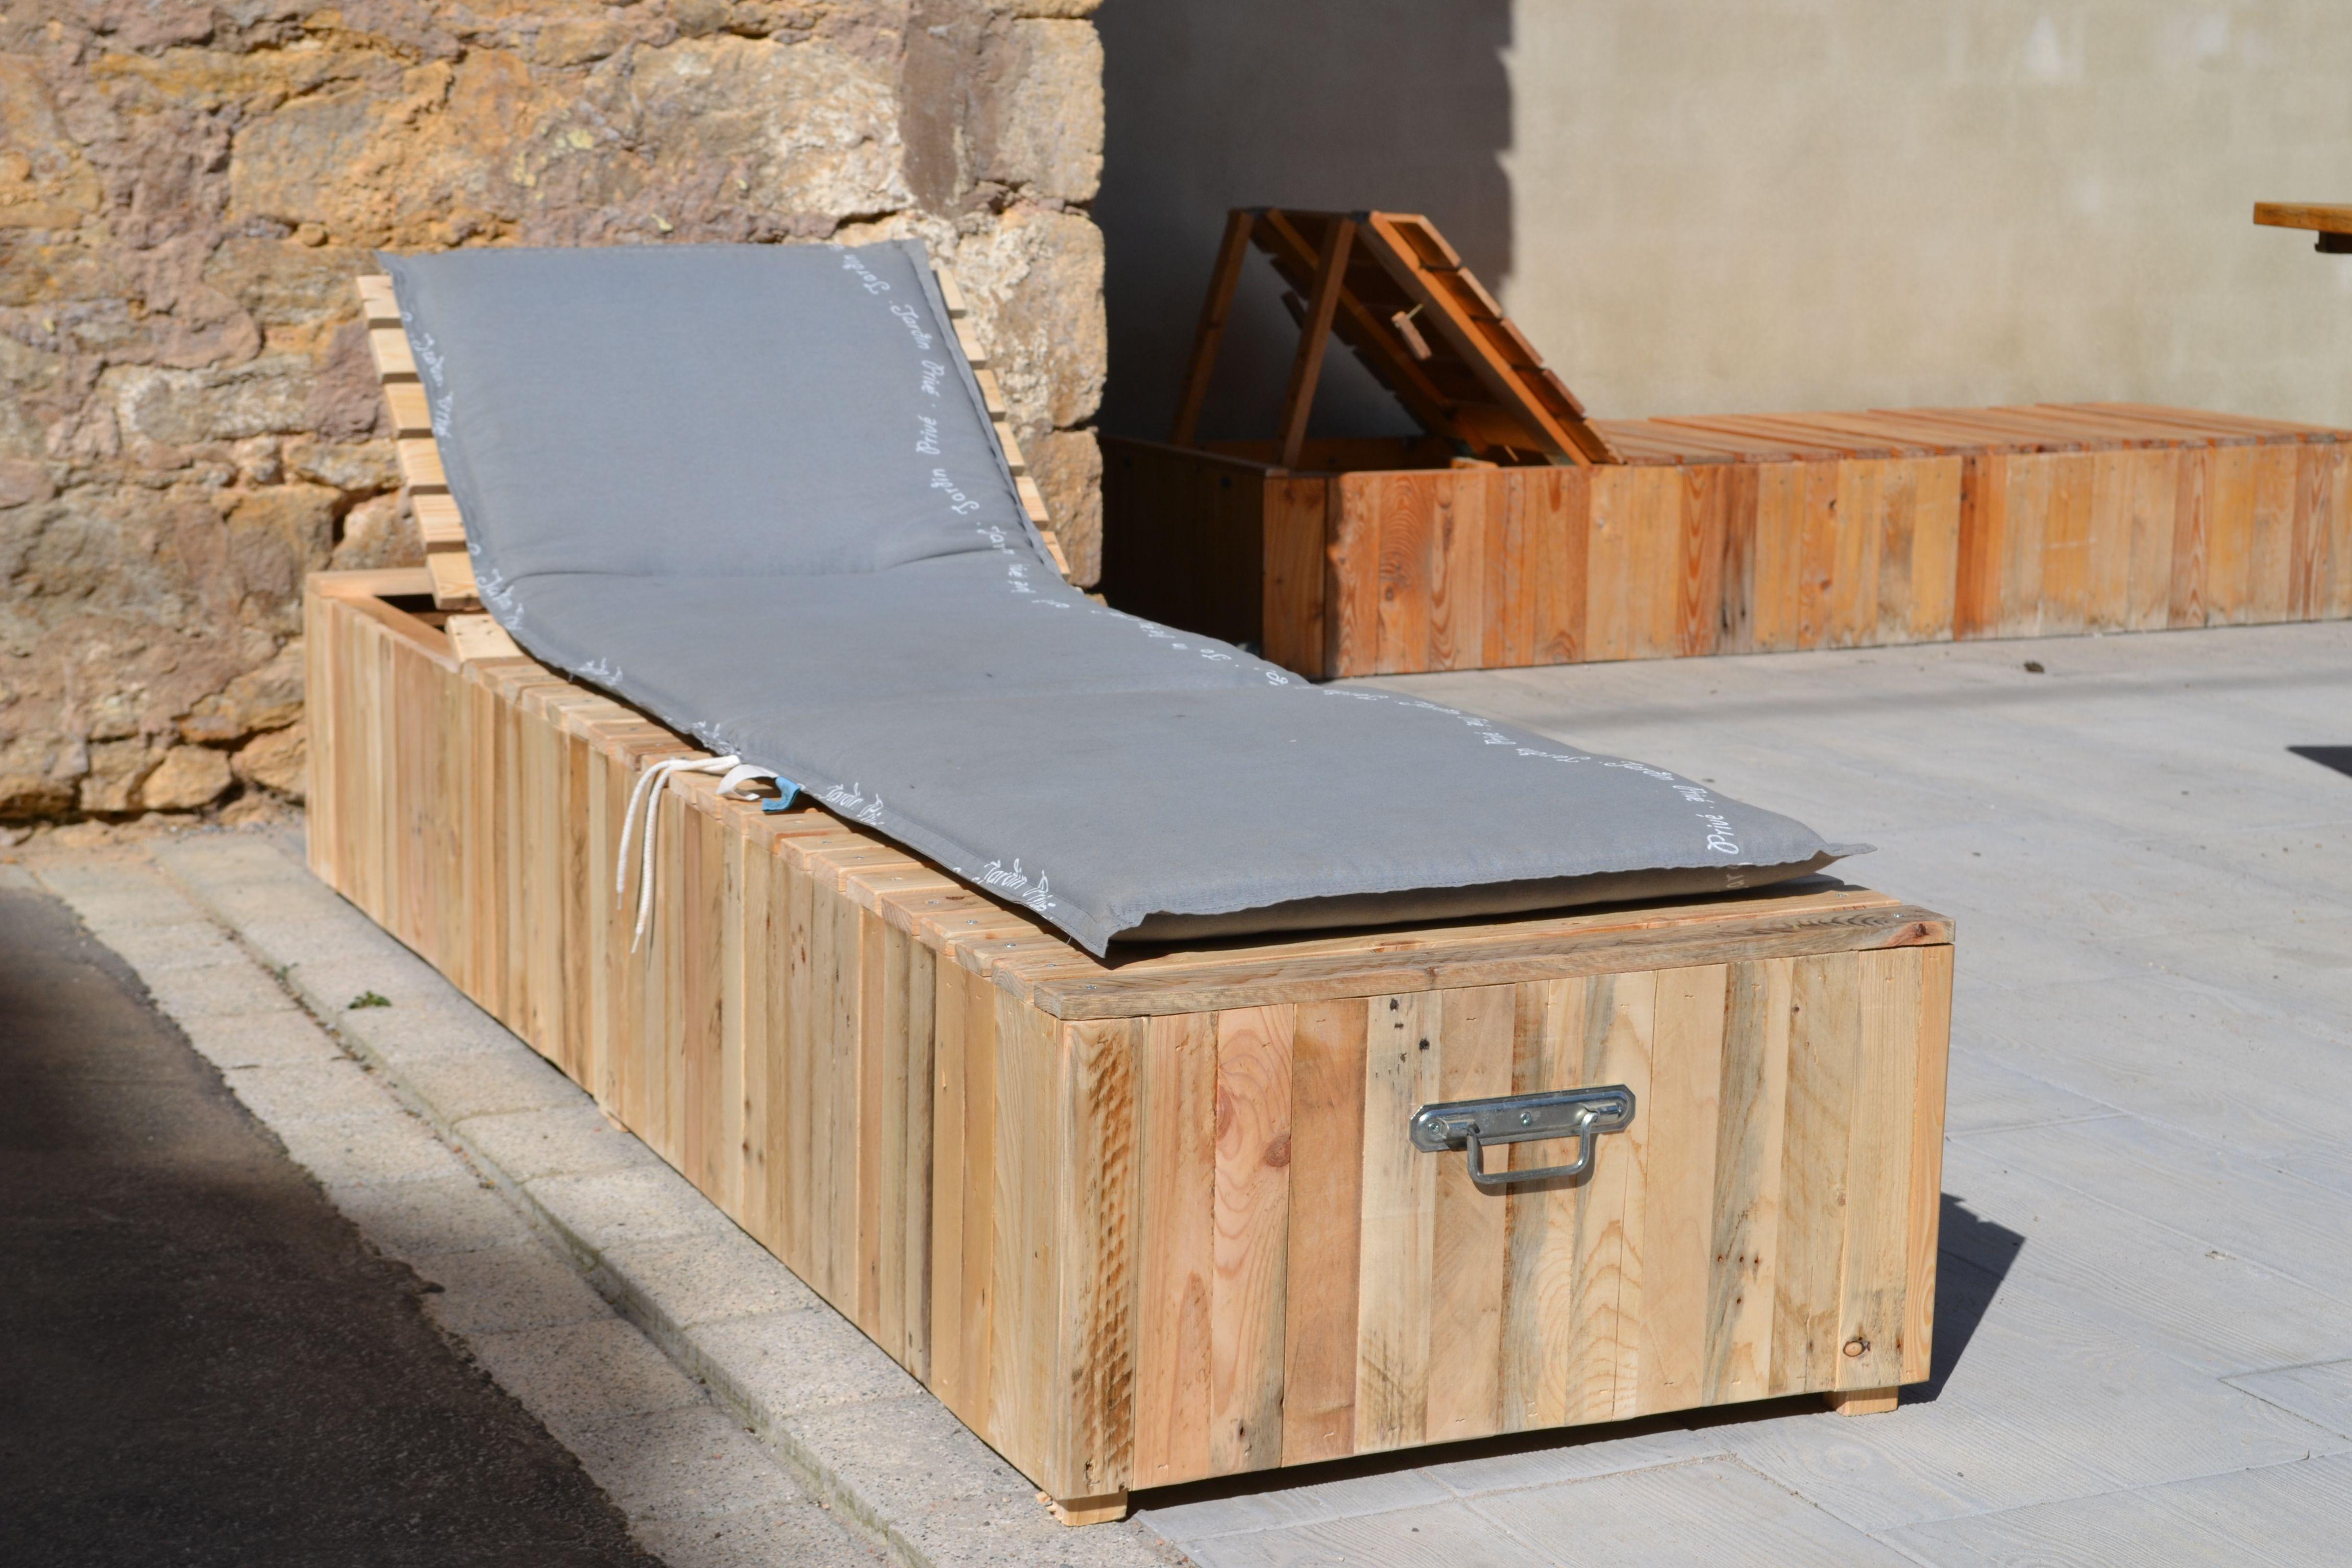 Comment fabriquer un bain de soleil en bois ?